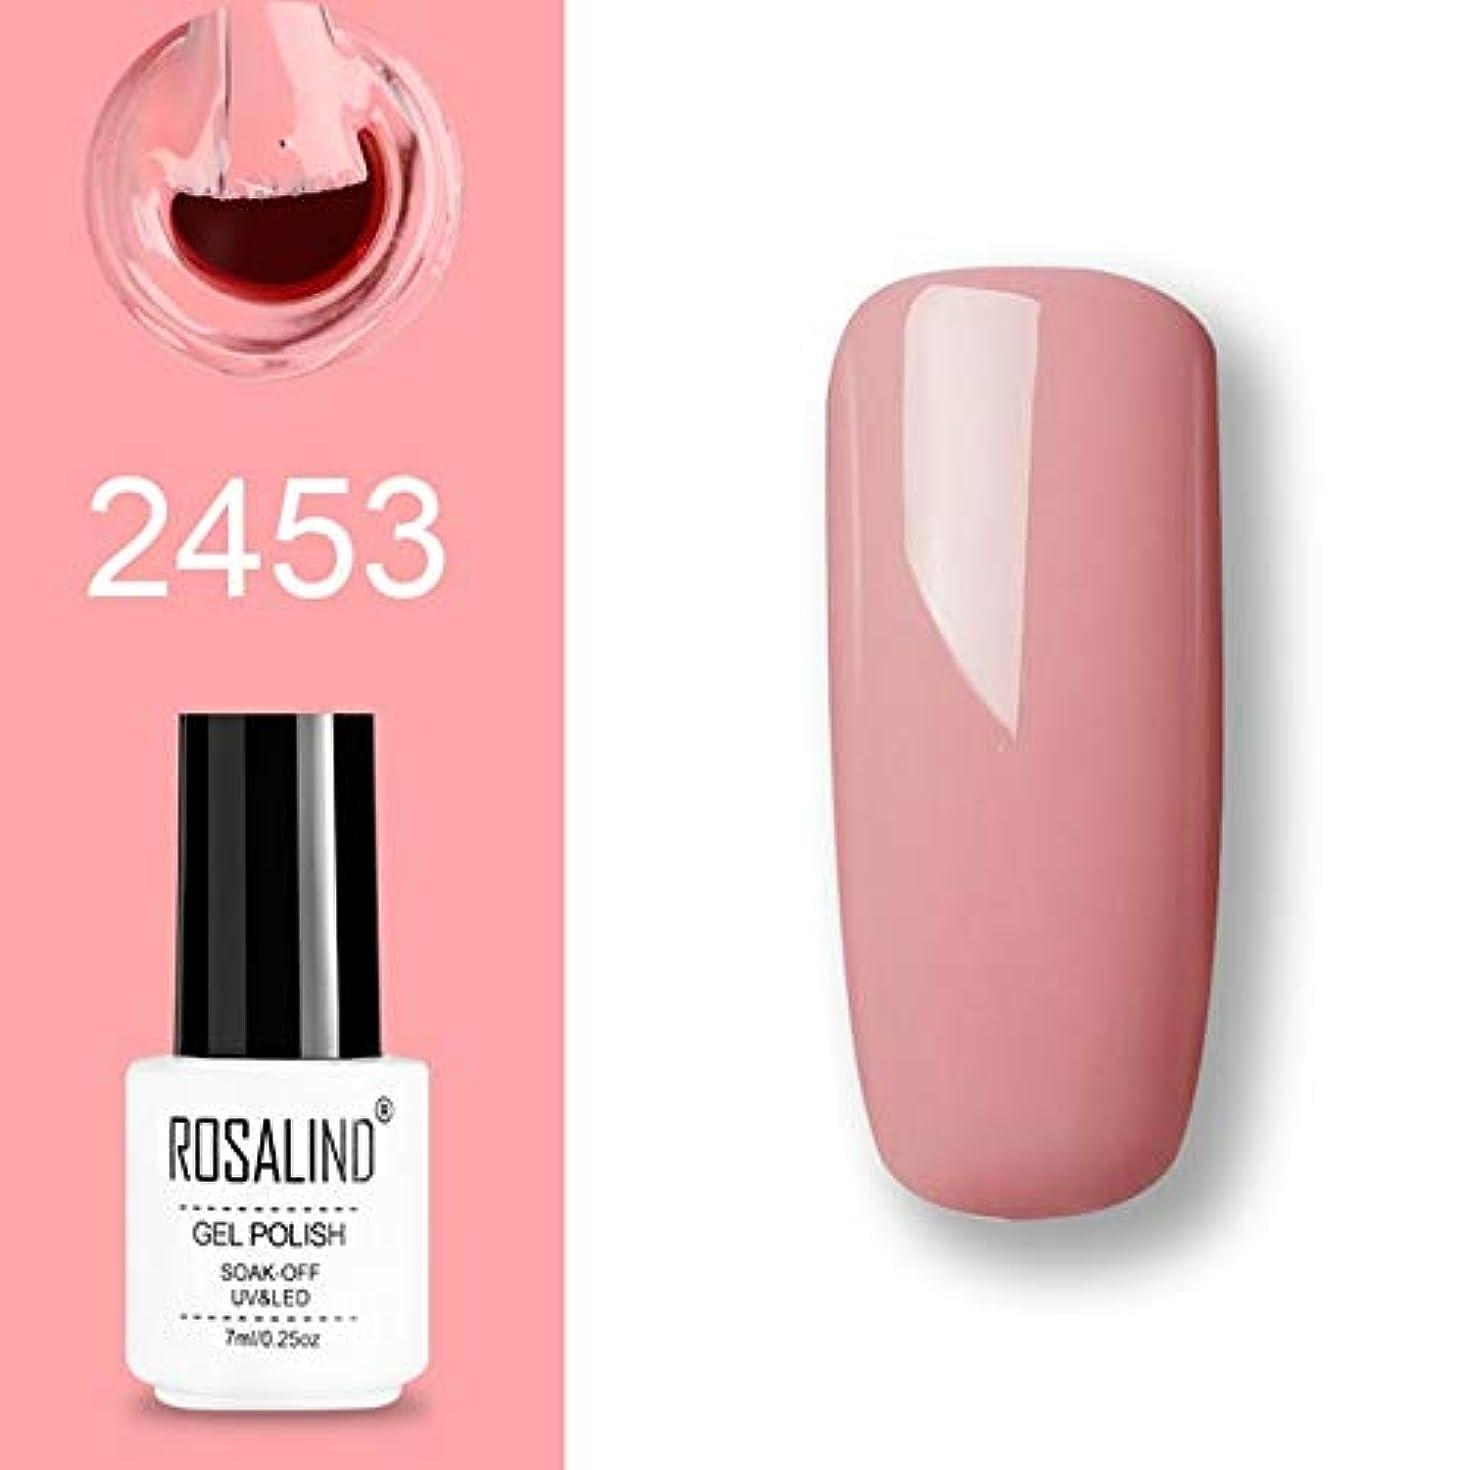 許さない置くためにパック移行するファッションアイテム ROSALINDジェルポリッシュセットUV半永久プライマートップコートポリジェルニスネイルアートマニキュアジェル、肌の色、容量:7ml 2453。 環境に優しいマニキュア